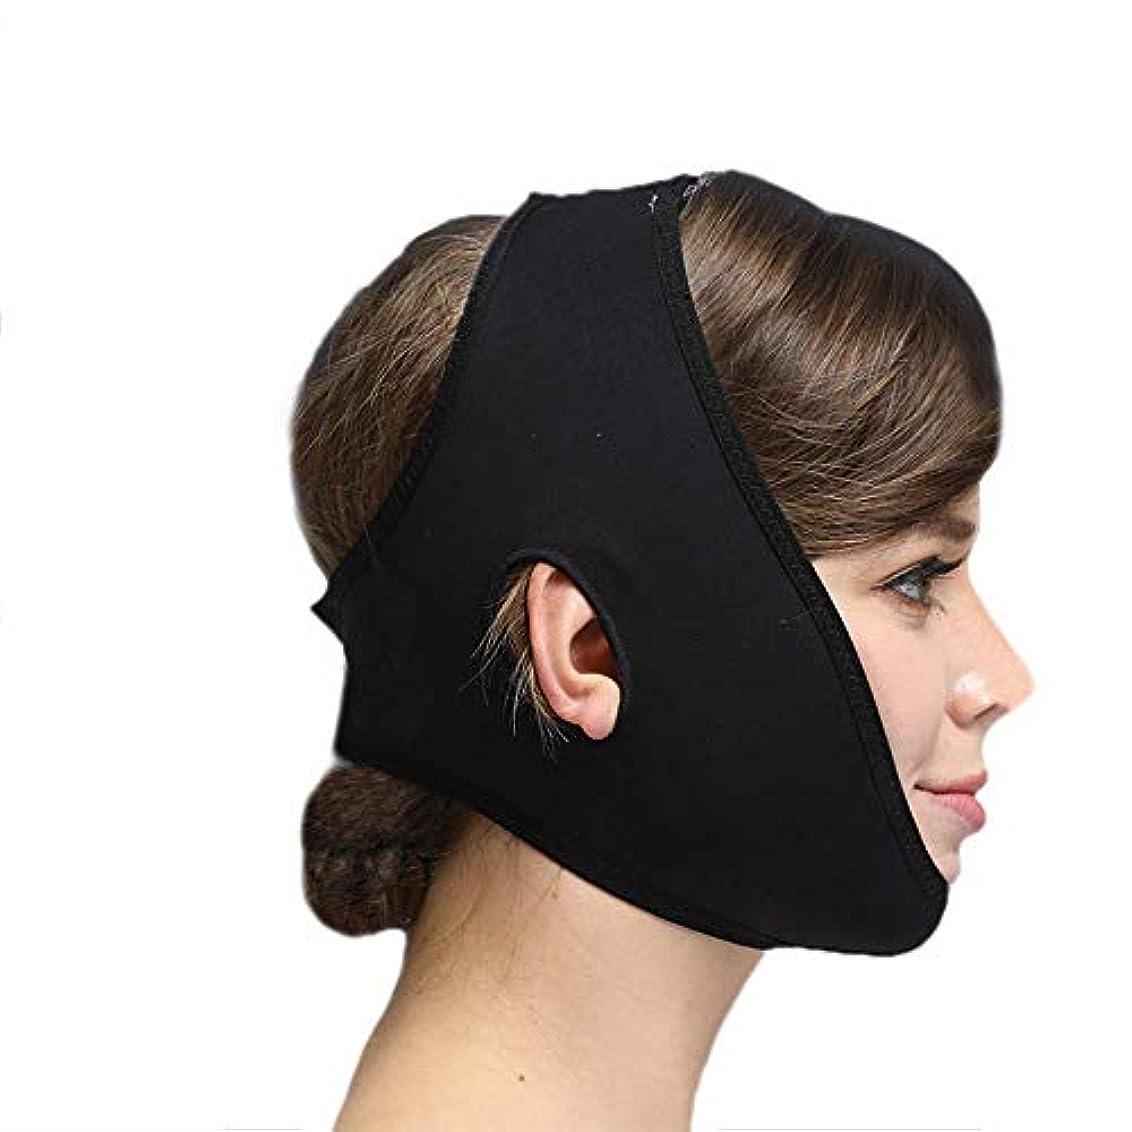 フェイススリミングマスク、快適さと通気性、フェイシャルリフティング、輪郭の改善された硬さ、ファーミングとリフティングフェイス(カラー:ブラック、サイズ:XL),ブラック2、XXL